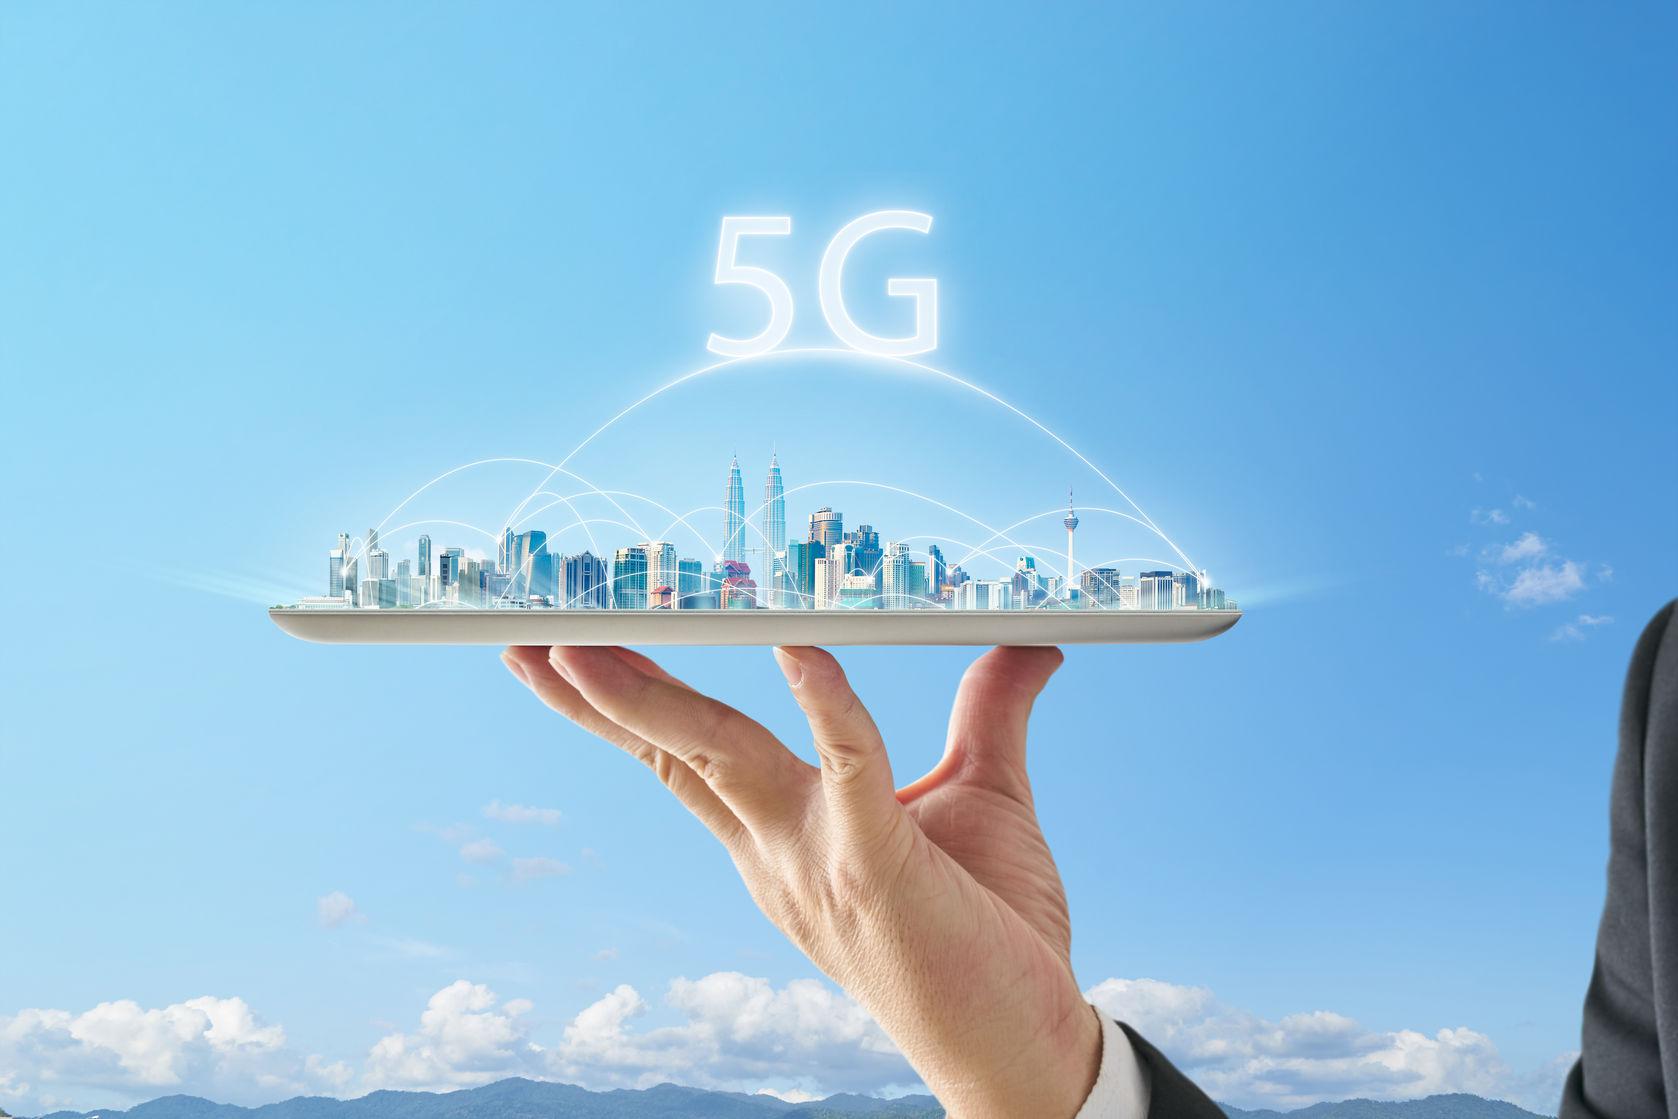 中国联通:设立百亿孵化基金 助力5G应用和数字化转型